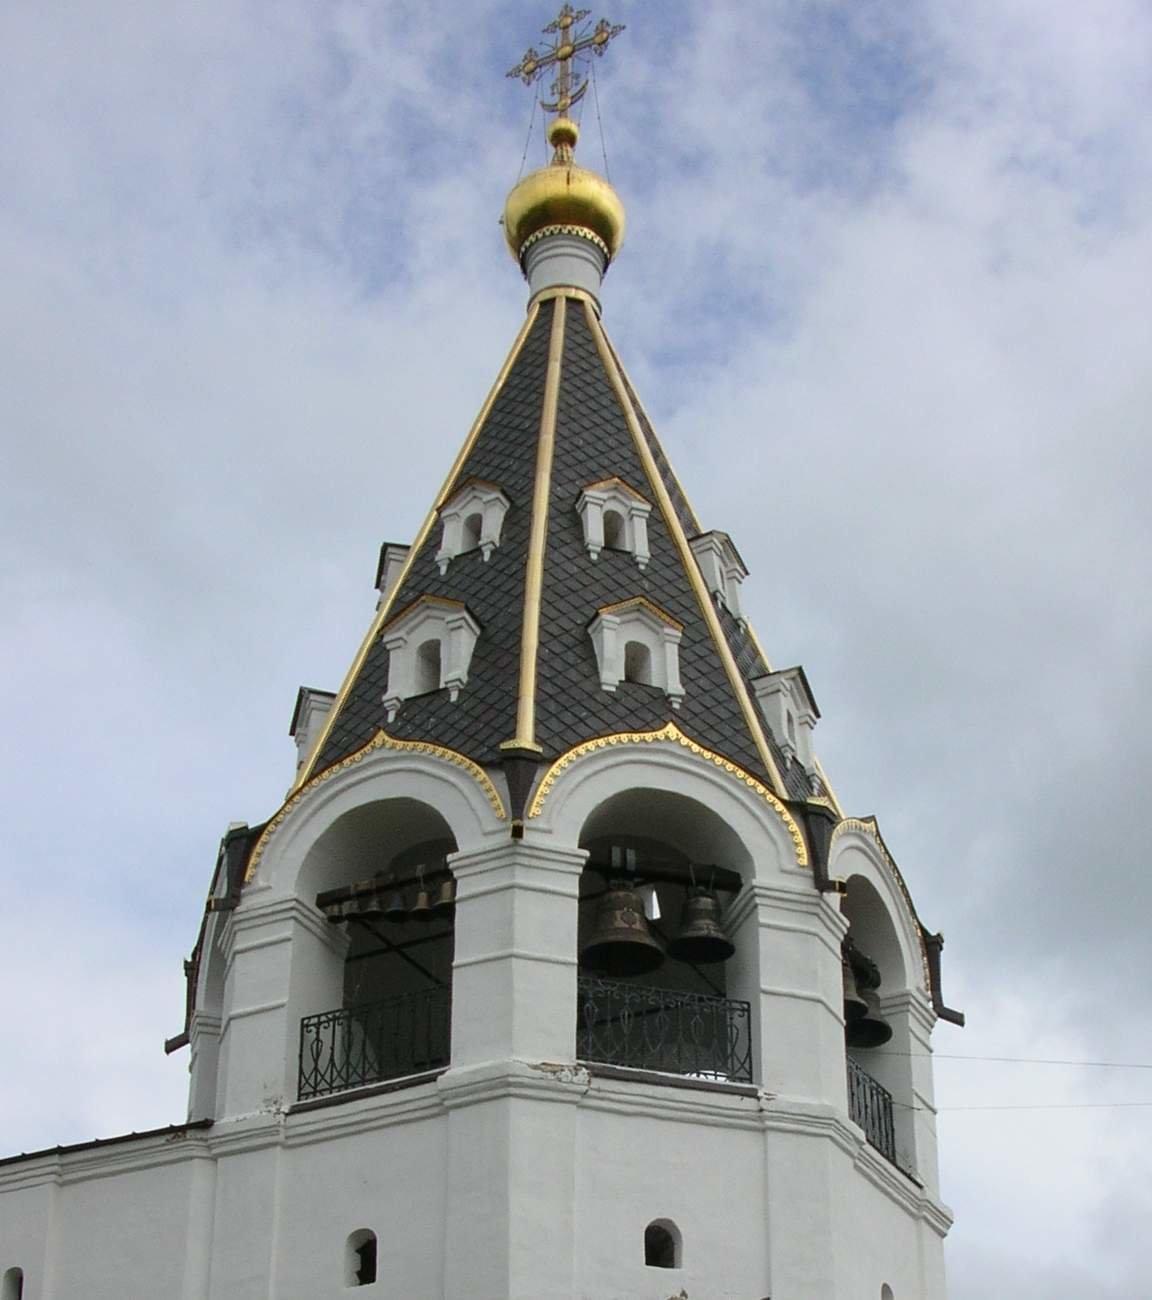 что картинки колокольня в церкви маленького роста упряжке